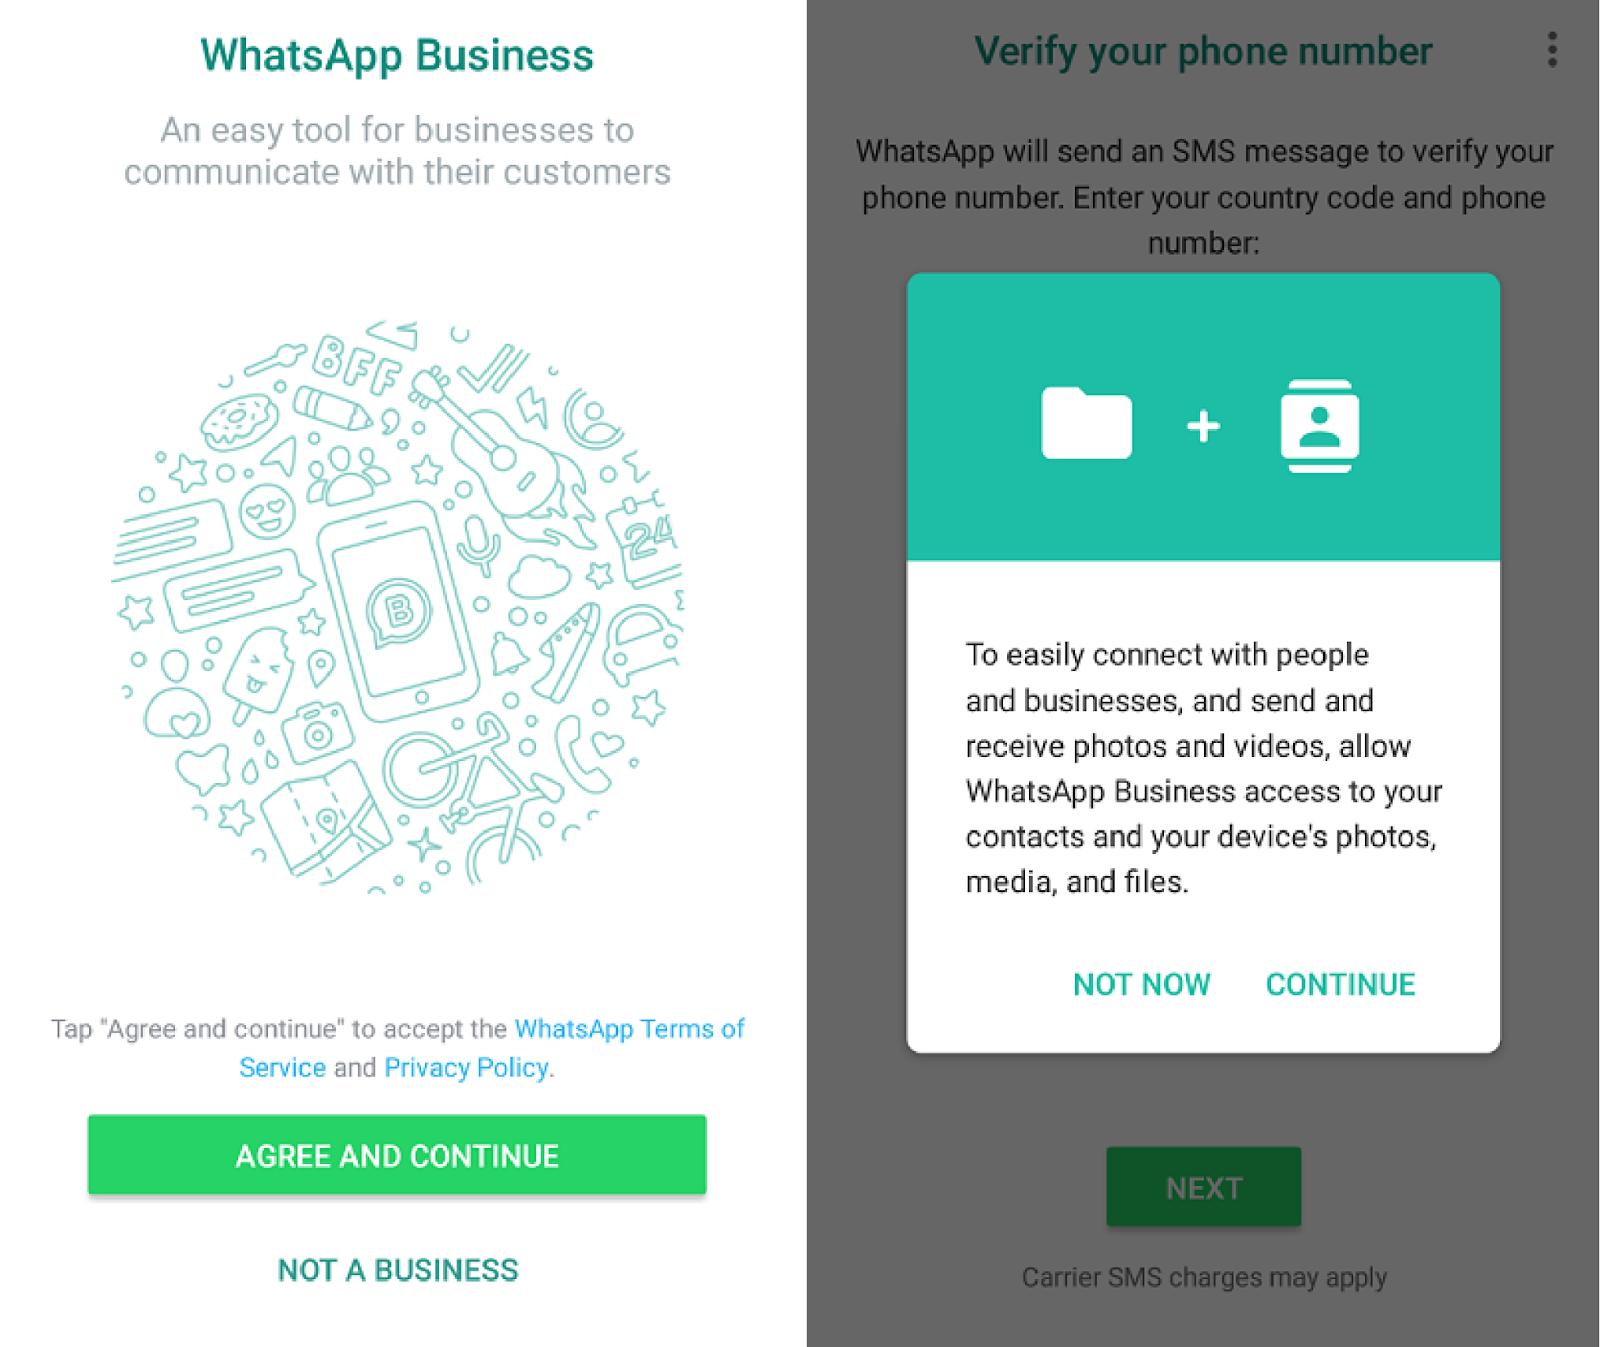 Cara Menggunakan Fitur Whatsapp Business Untuk Bisnis Online Kamu Ginee Insights